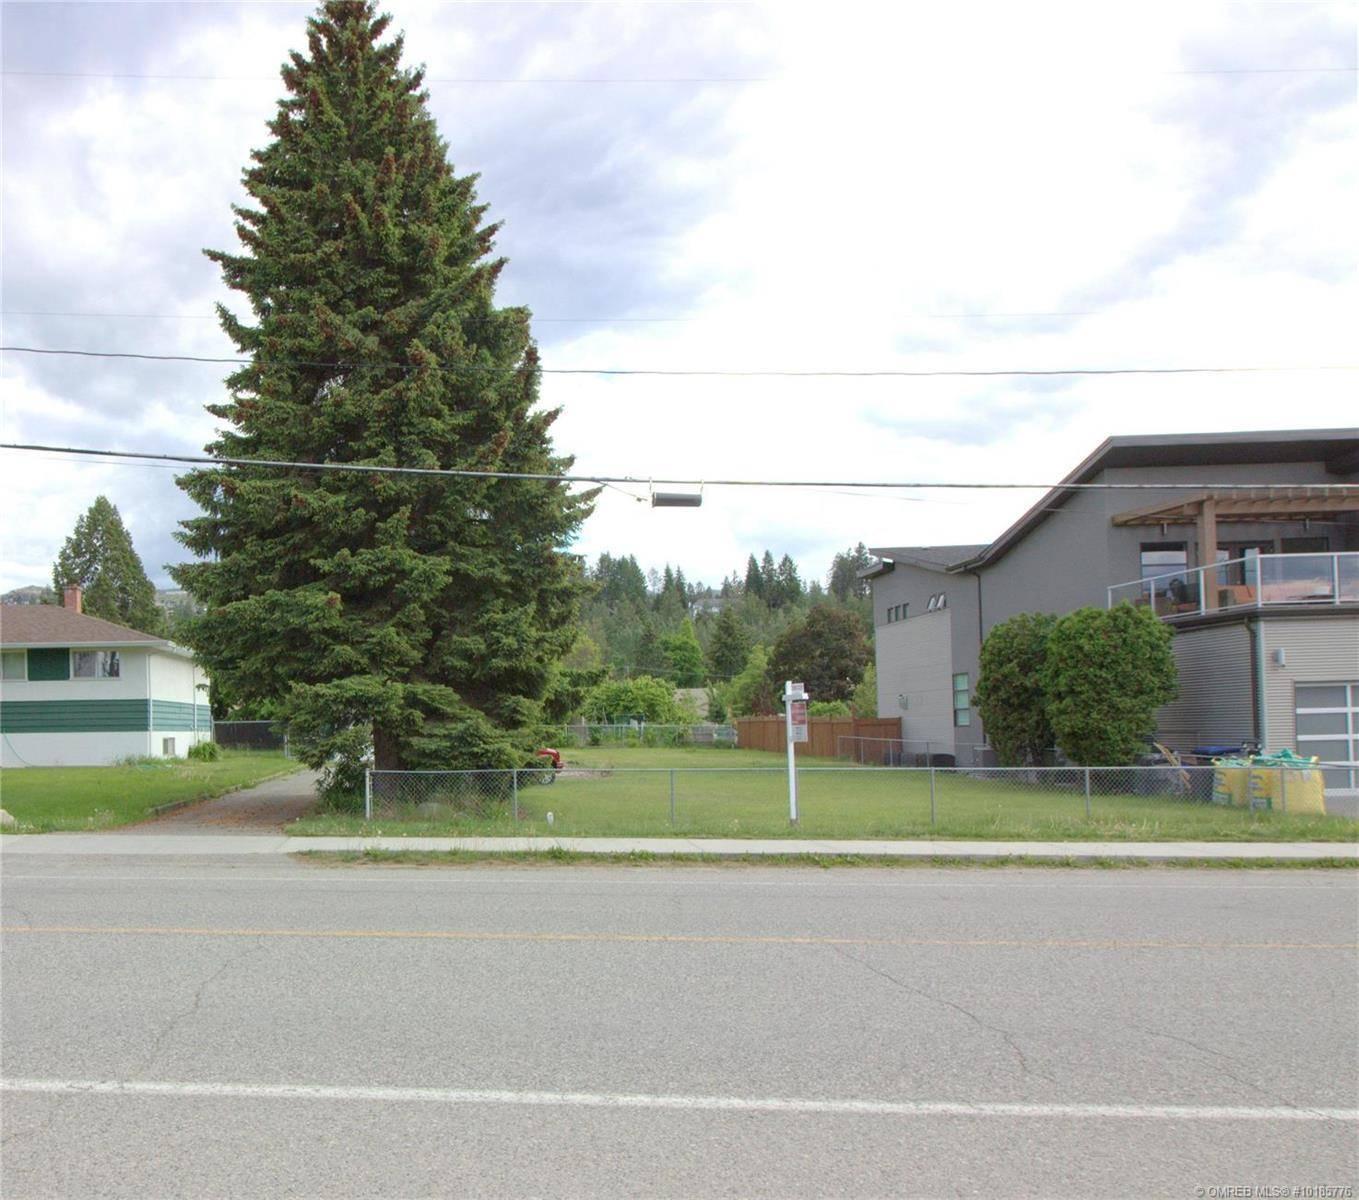 Home for sale at 667 Mcclure Rd Kelowna British Columbia - MLS: 10185776